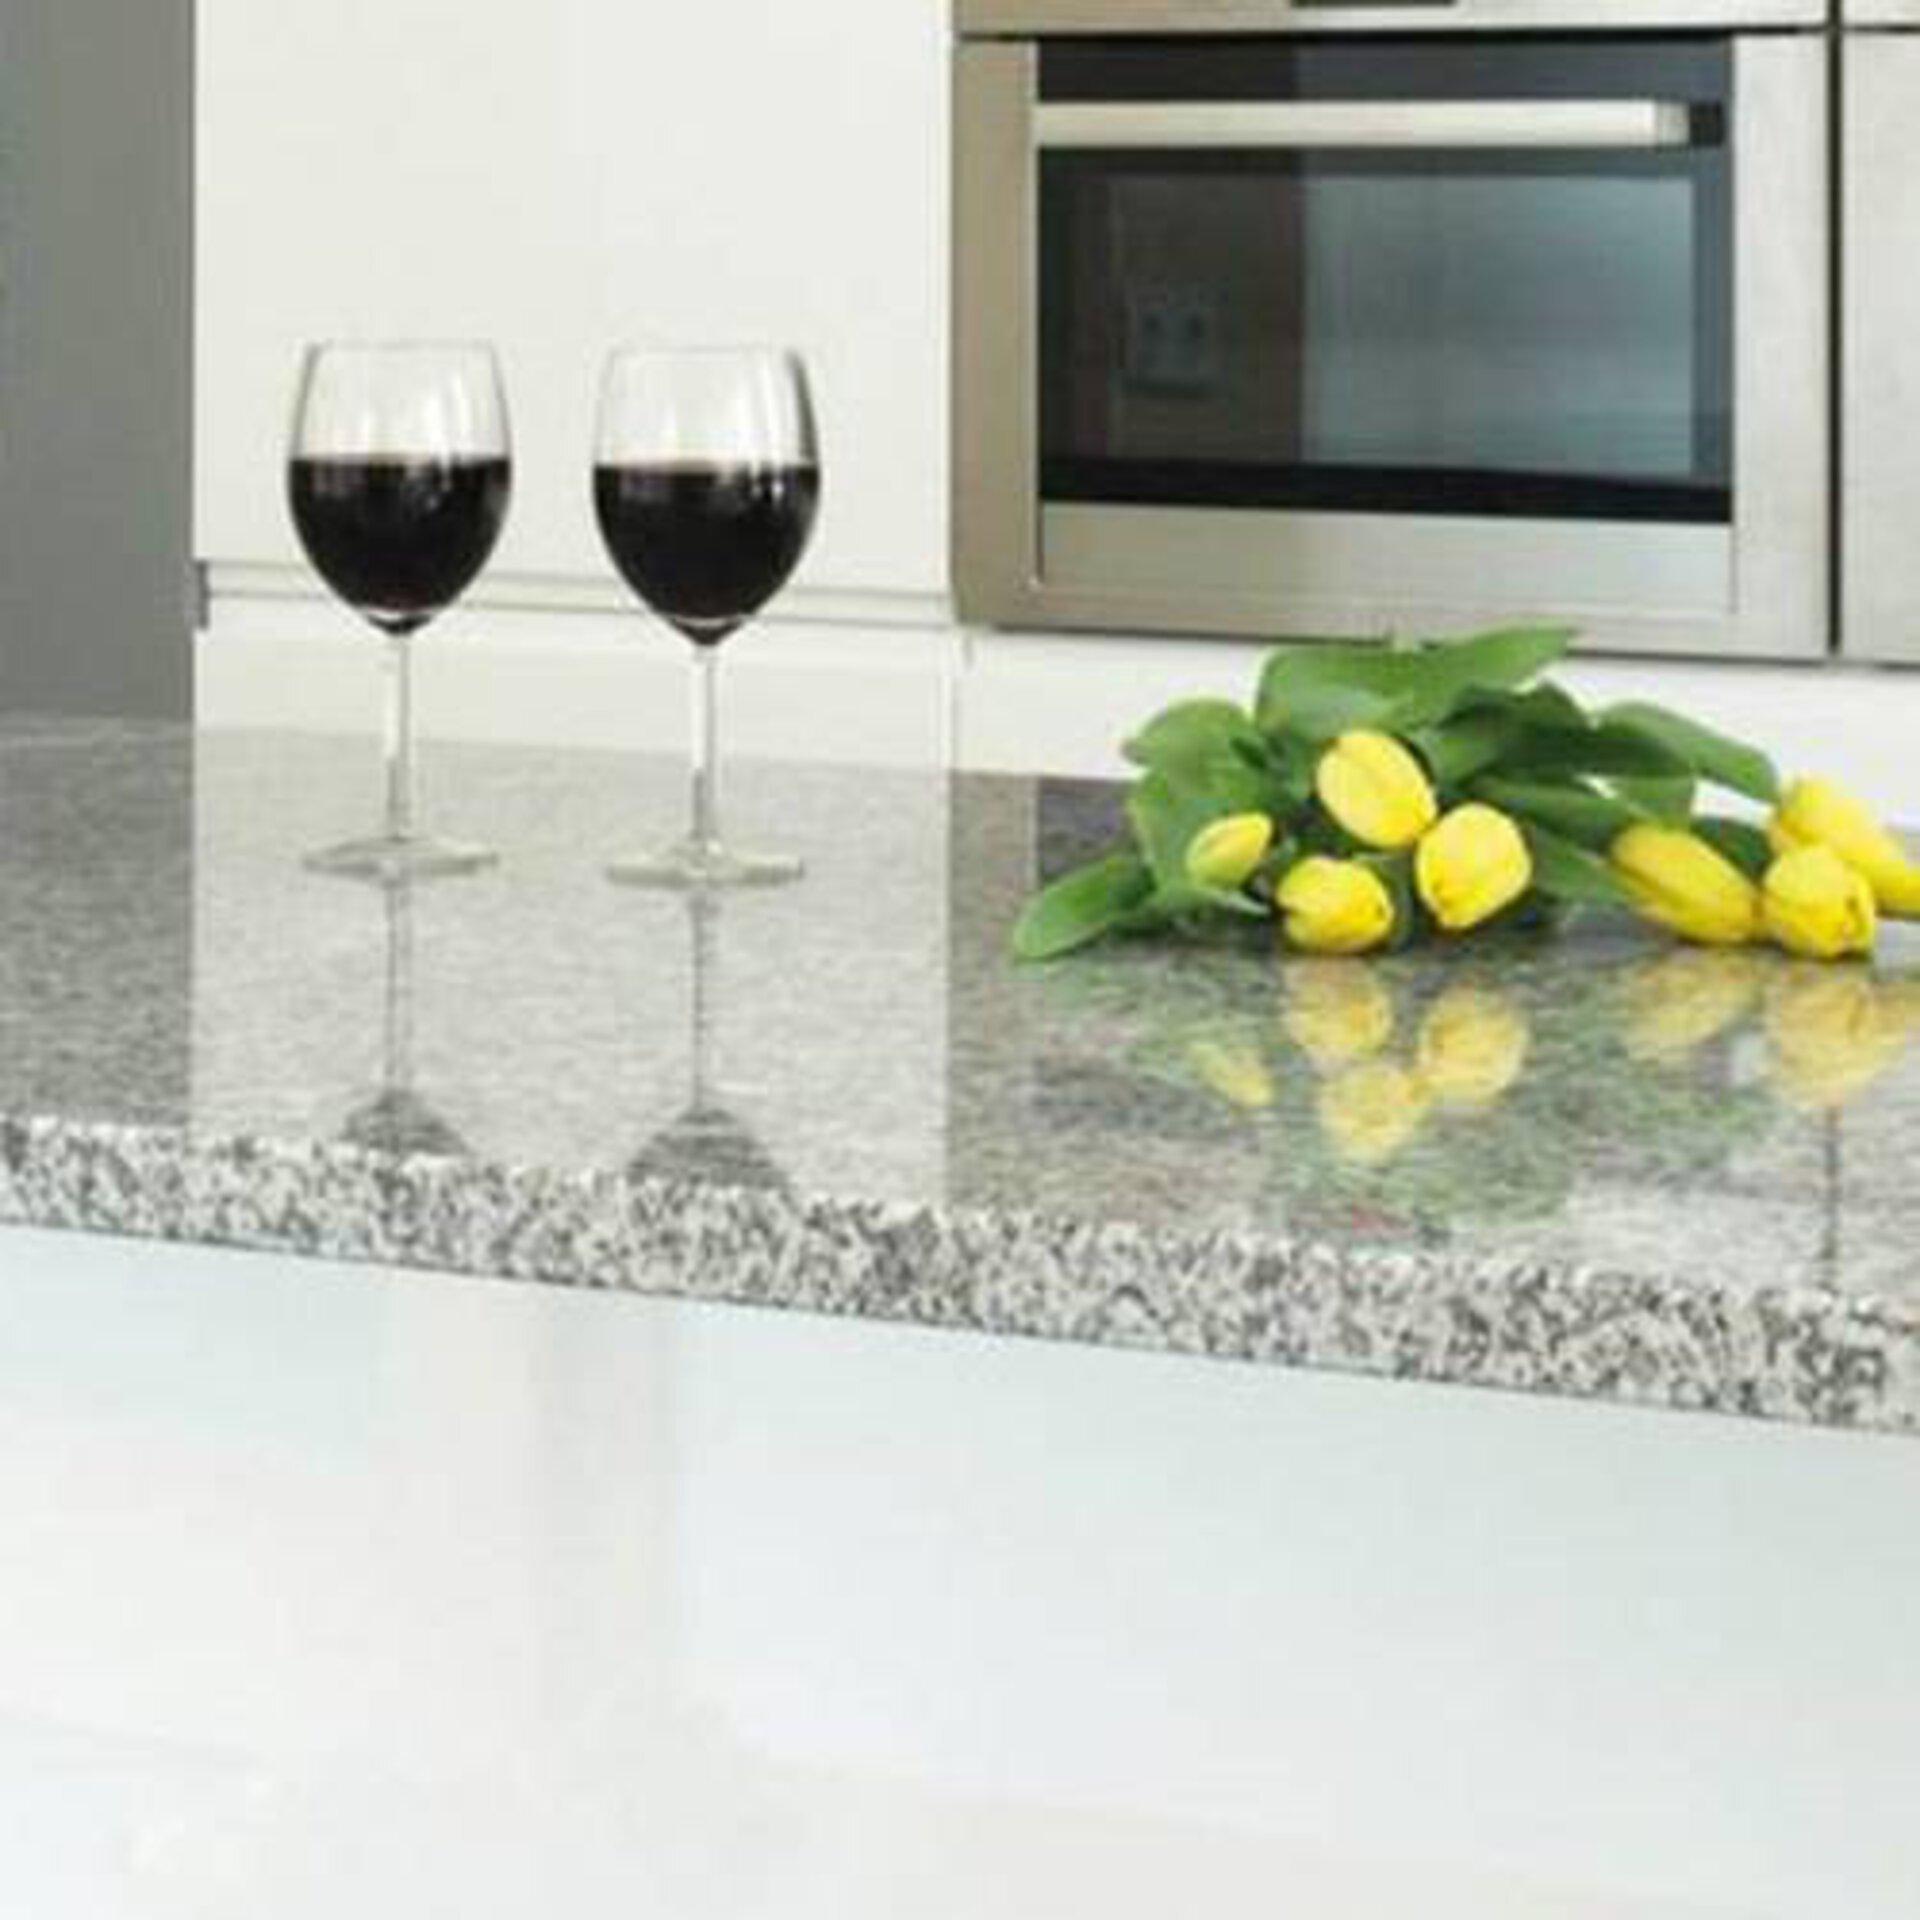 Milieubild zu Arbeitsplatten aus Naturstein. Zu sehen ist eine Küchenzeile mit grau gesprenkeltem Naturstein. Darauf stehen zwei Gläser Rotwein und ein Bund gelber Tulpen.